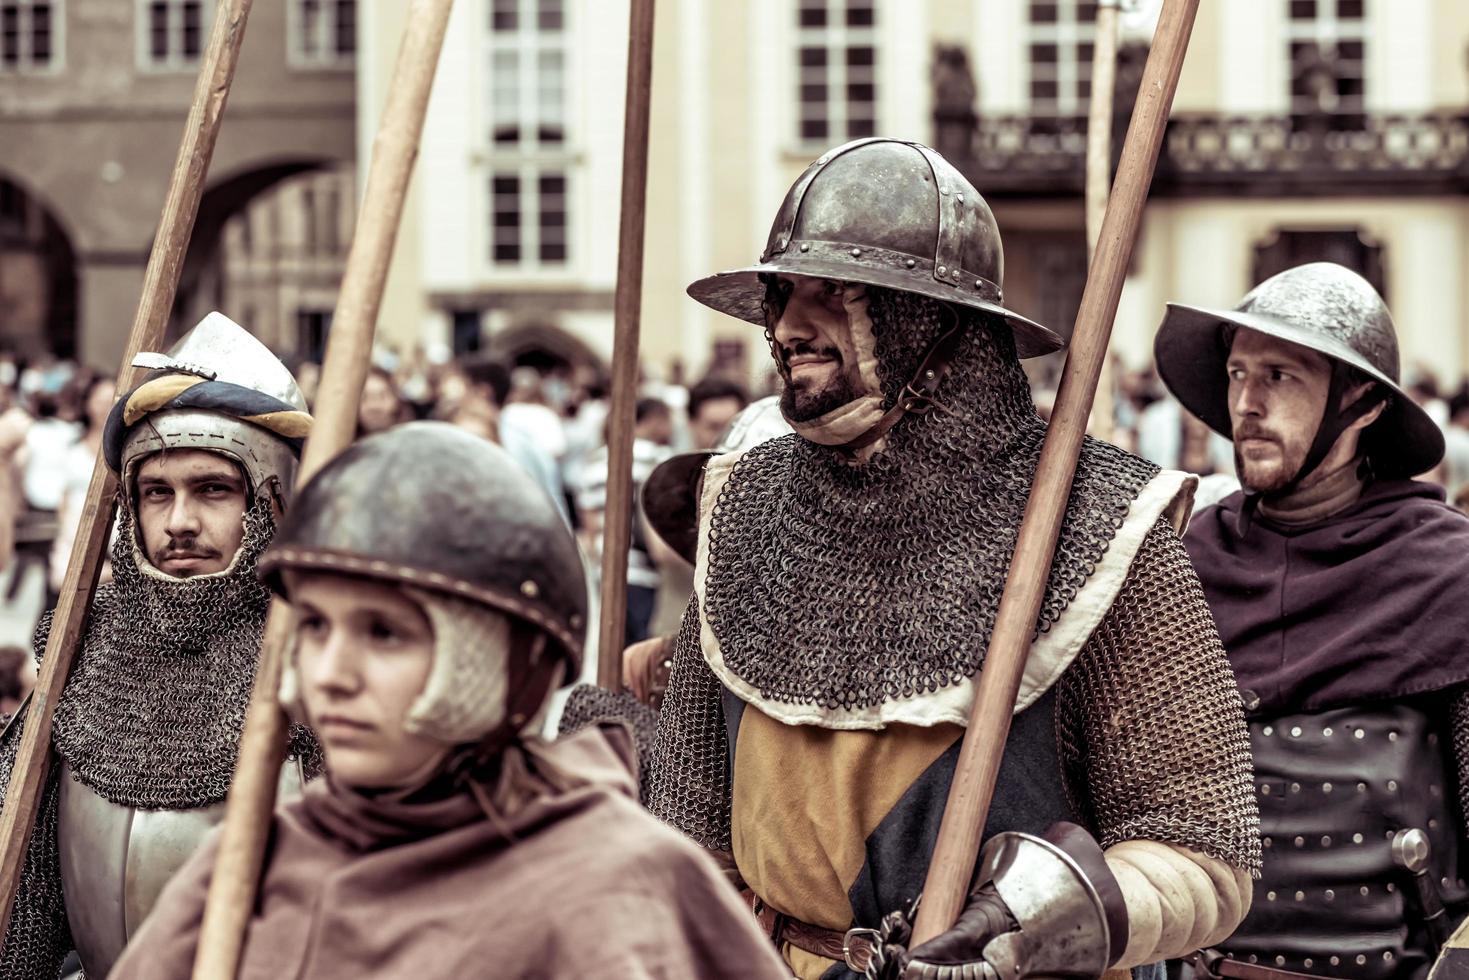 Prag, Tjeckien 2016 - Pansrade riddare leder marsch av Charles IV vid återuppförandet av kröningen av Charles IV i Prags slott foto